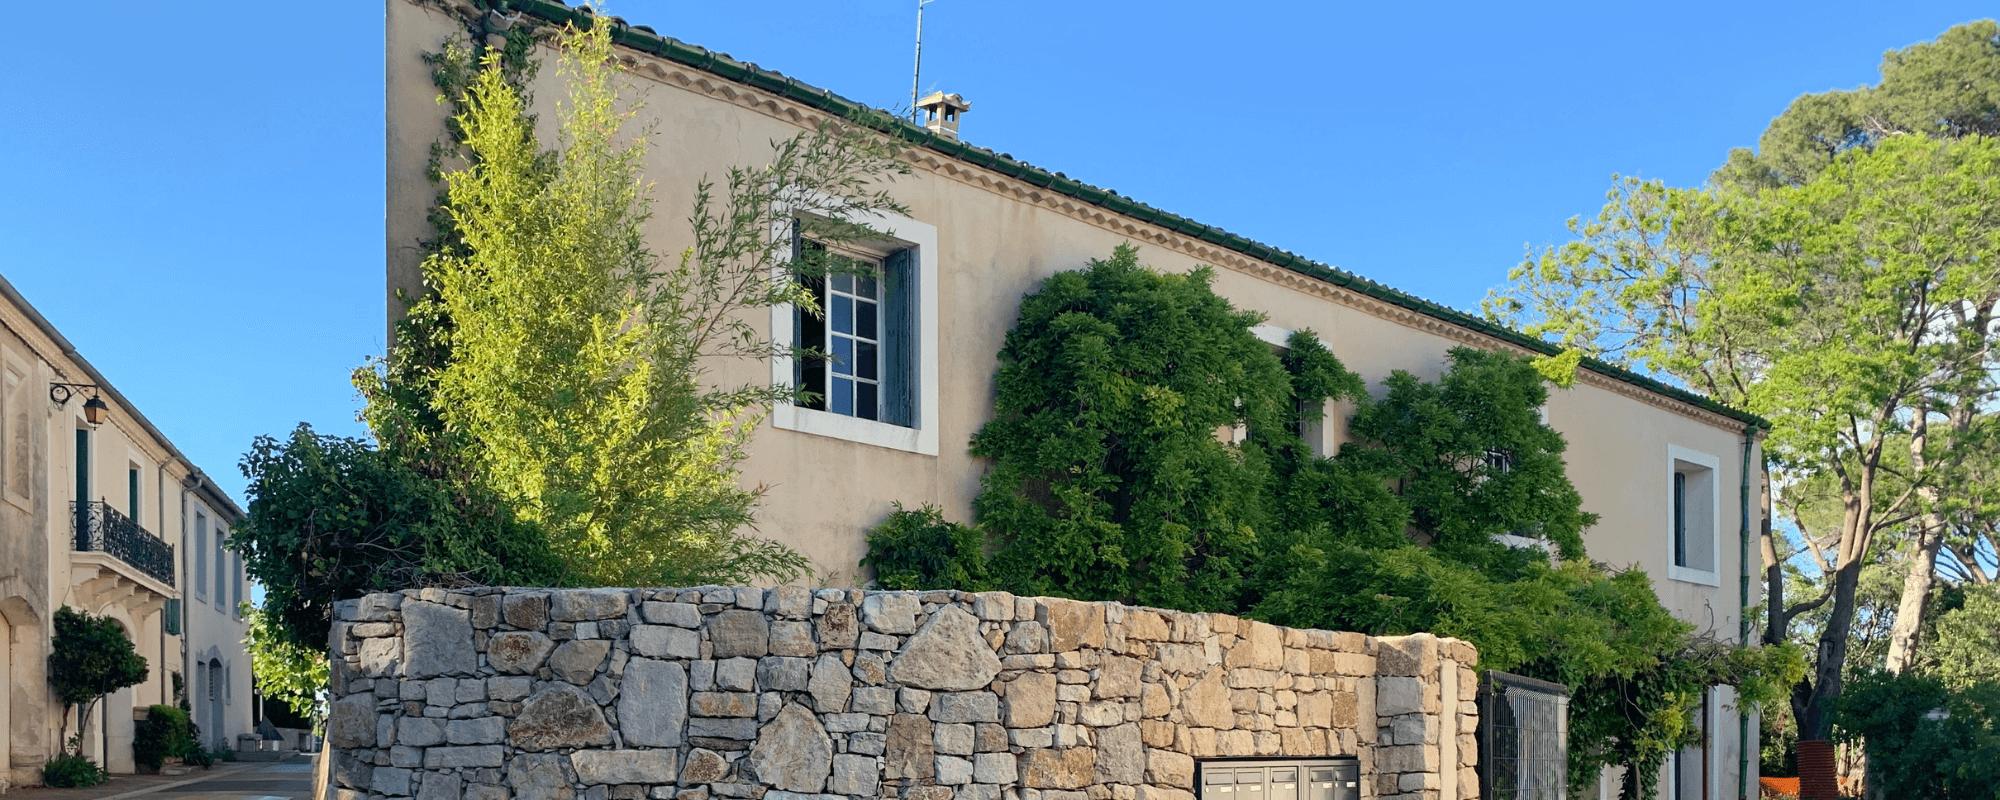 GGL-Saint-Georges-d'Orques-Parc-de-Bel-Air-4